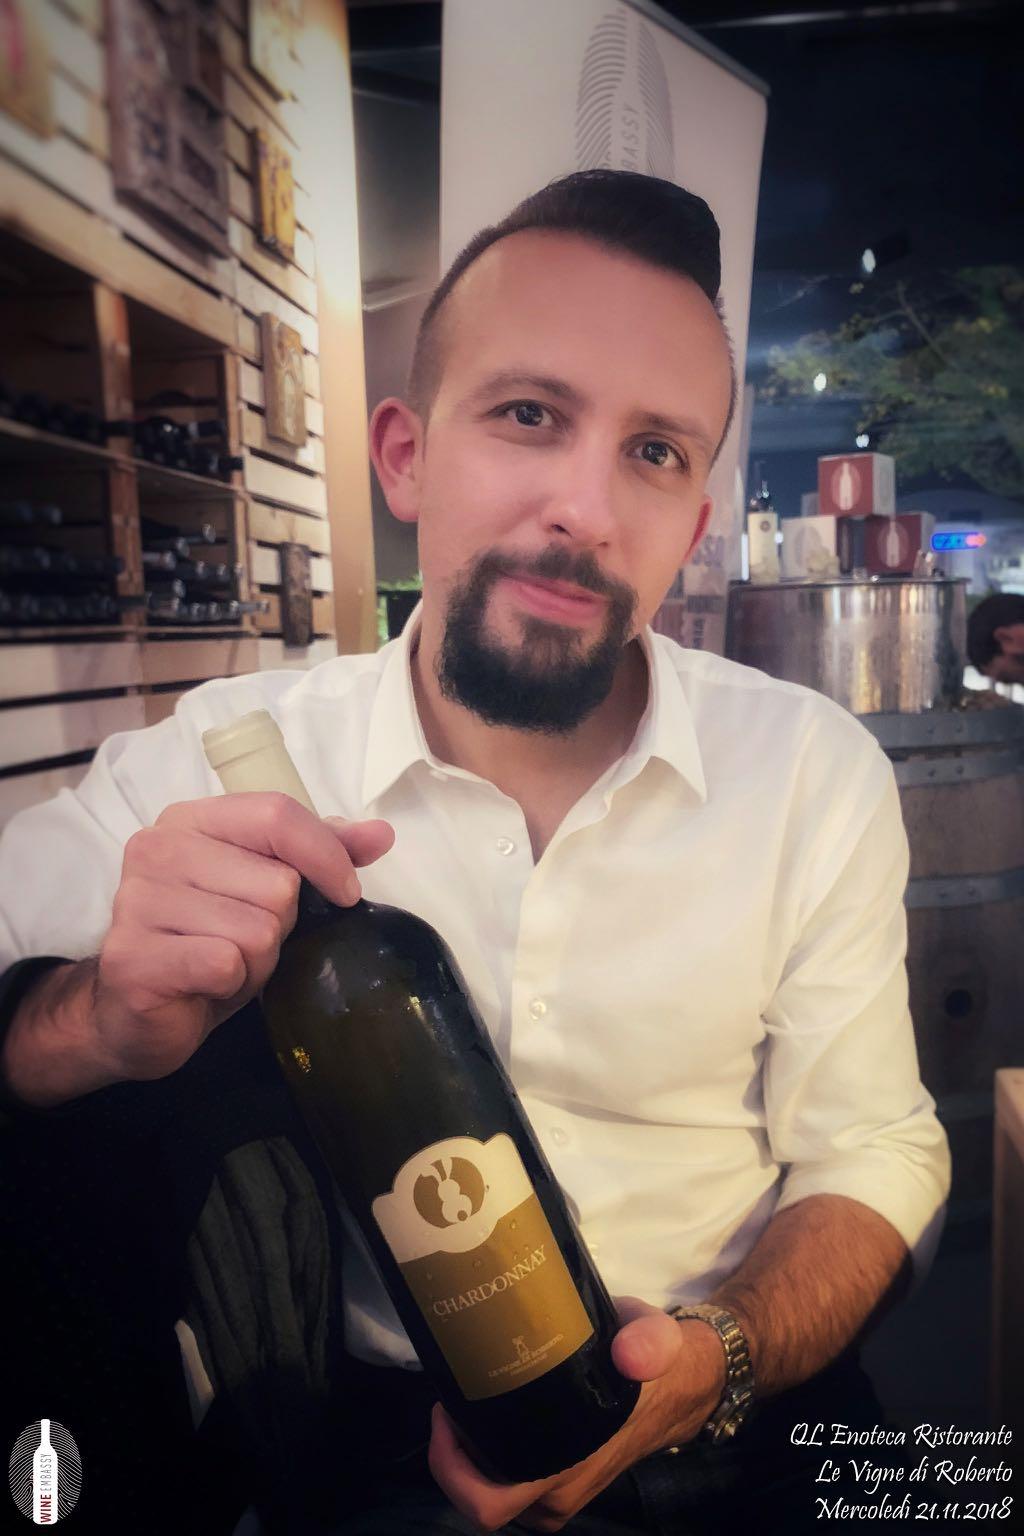 foto Evento Wine Embassy – Qle Vigne di Roberto Novembre 2018 5